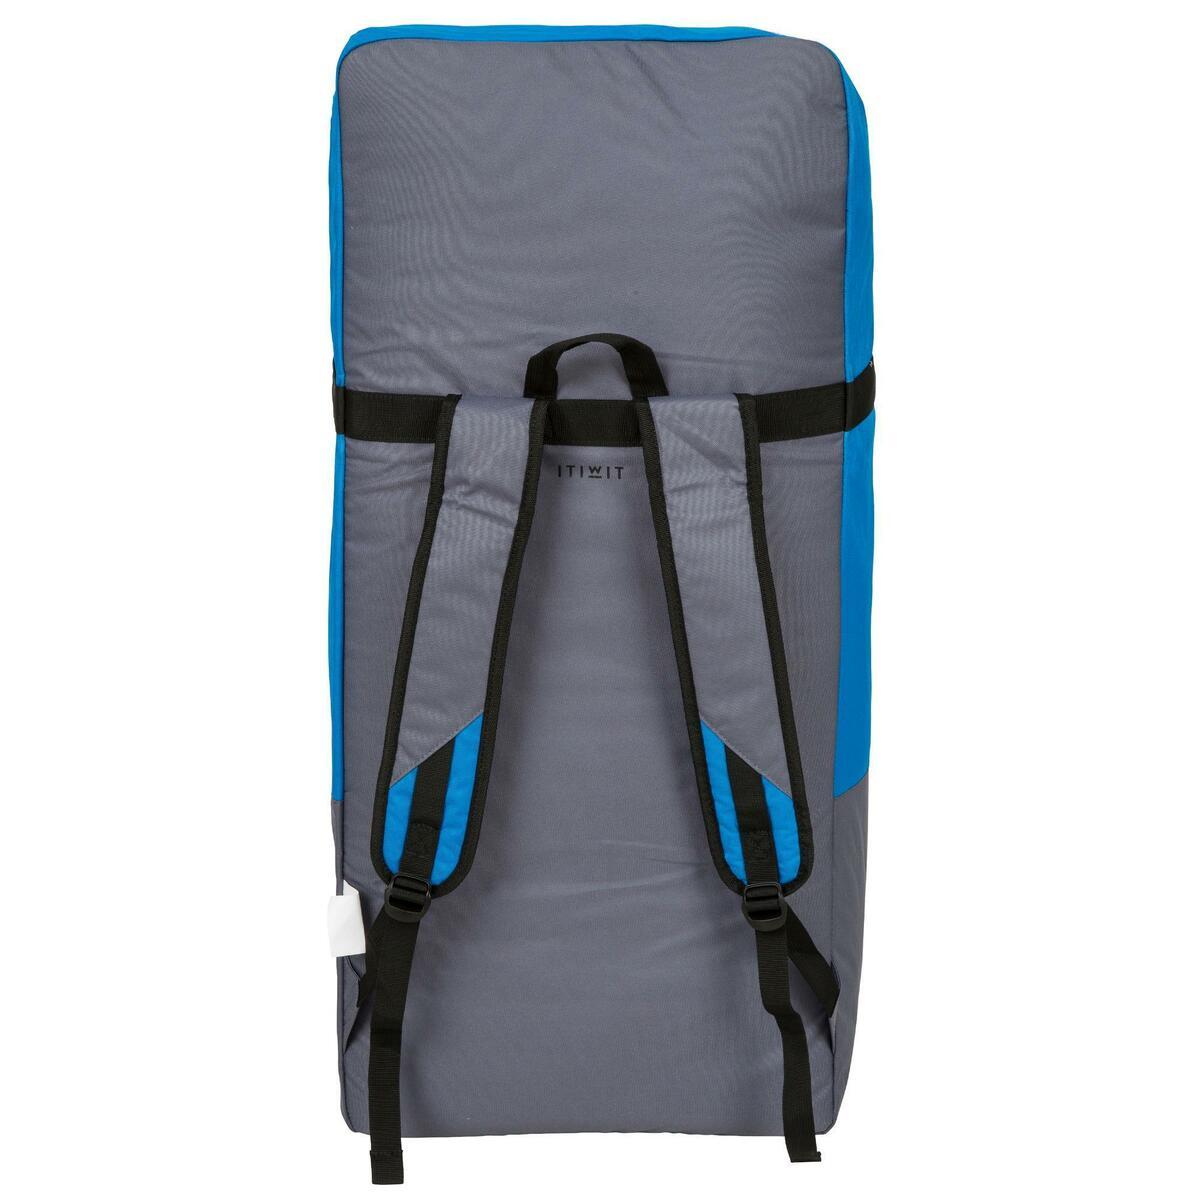 Bild 4 von Transporttasche Rucksack für Stand Up Paddle SUP Allround